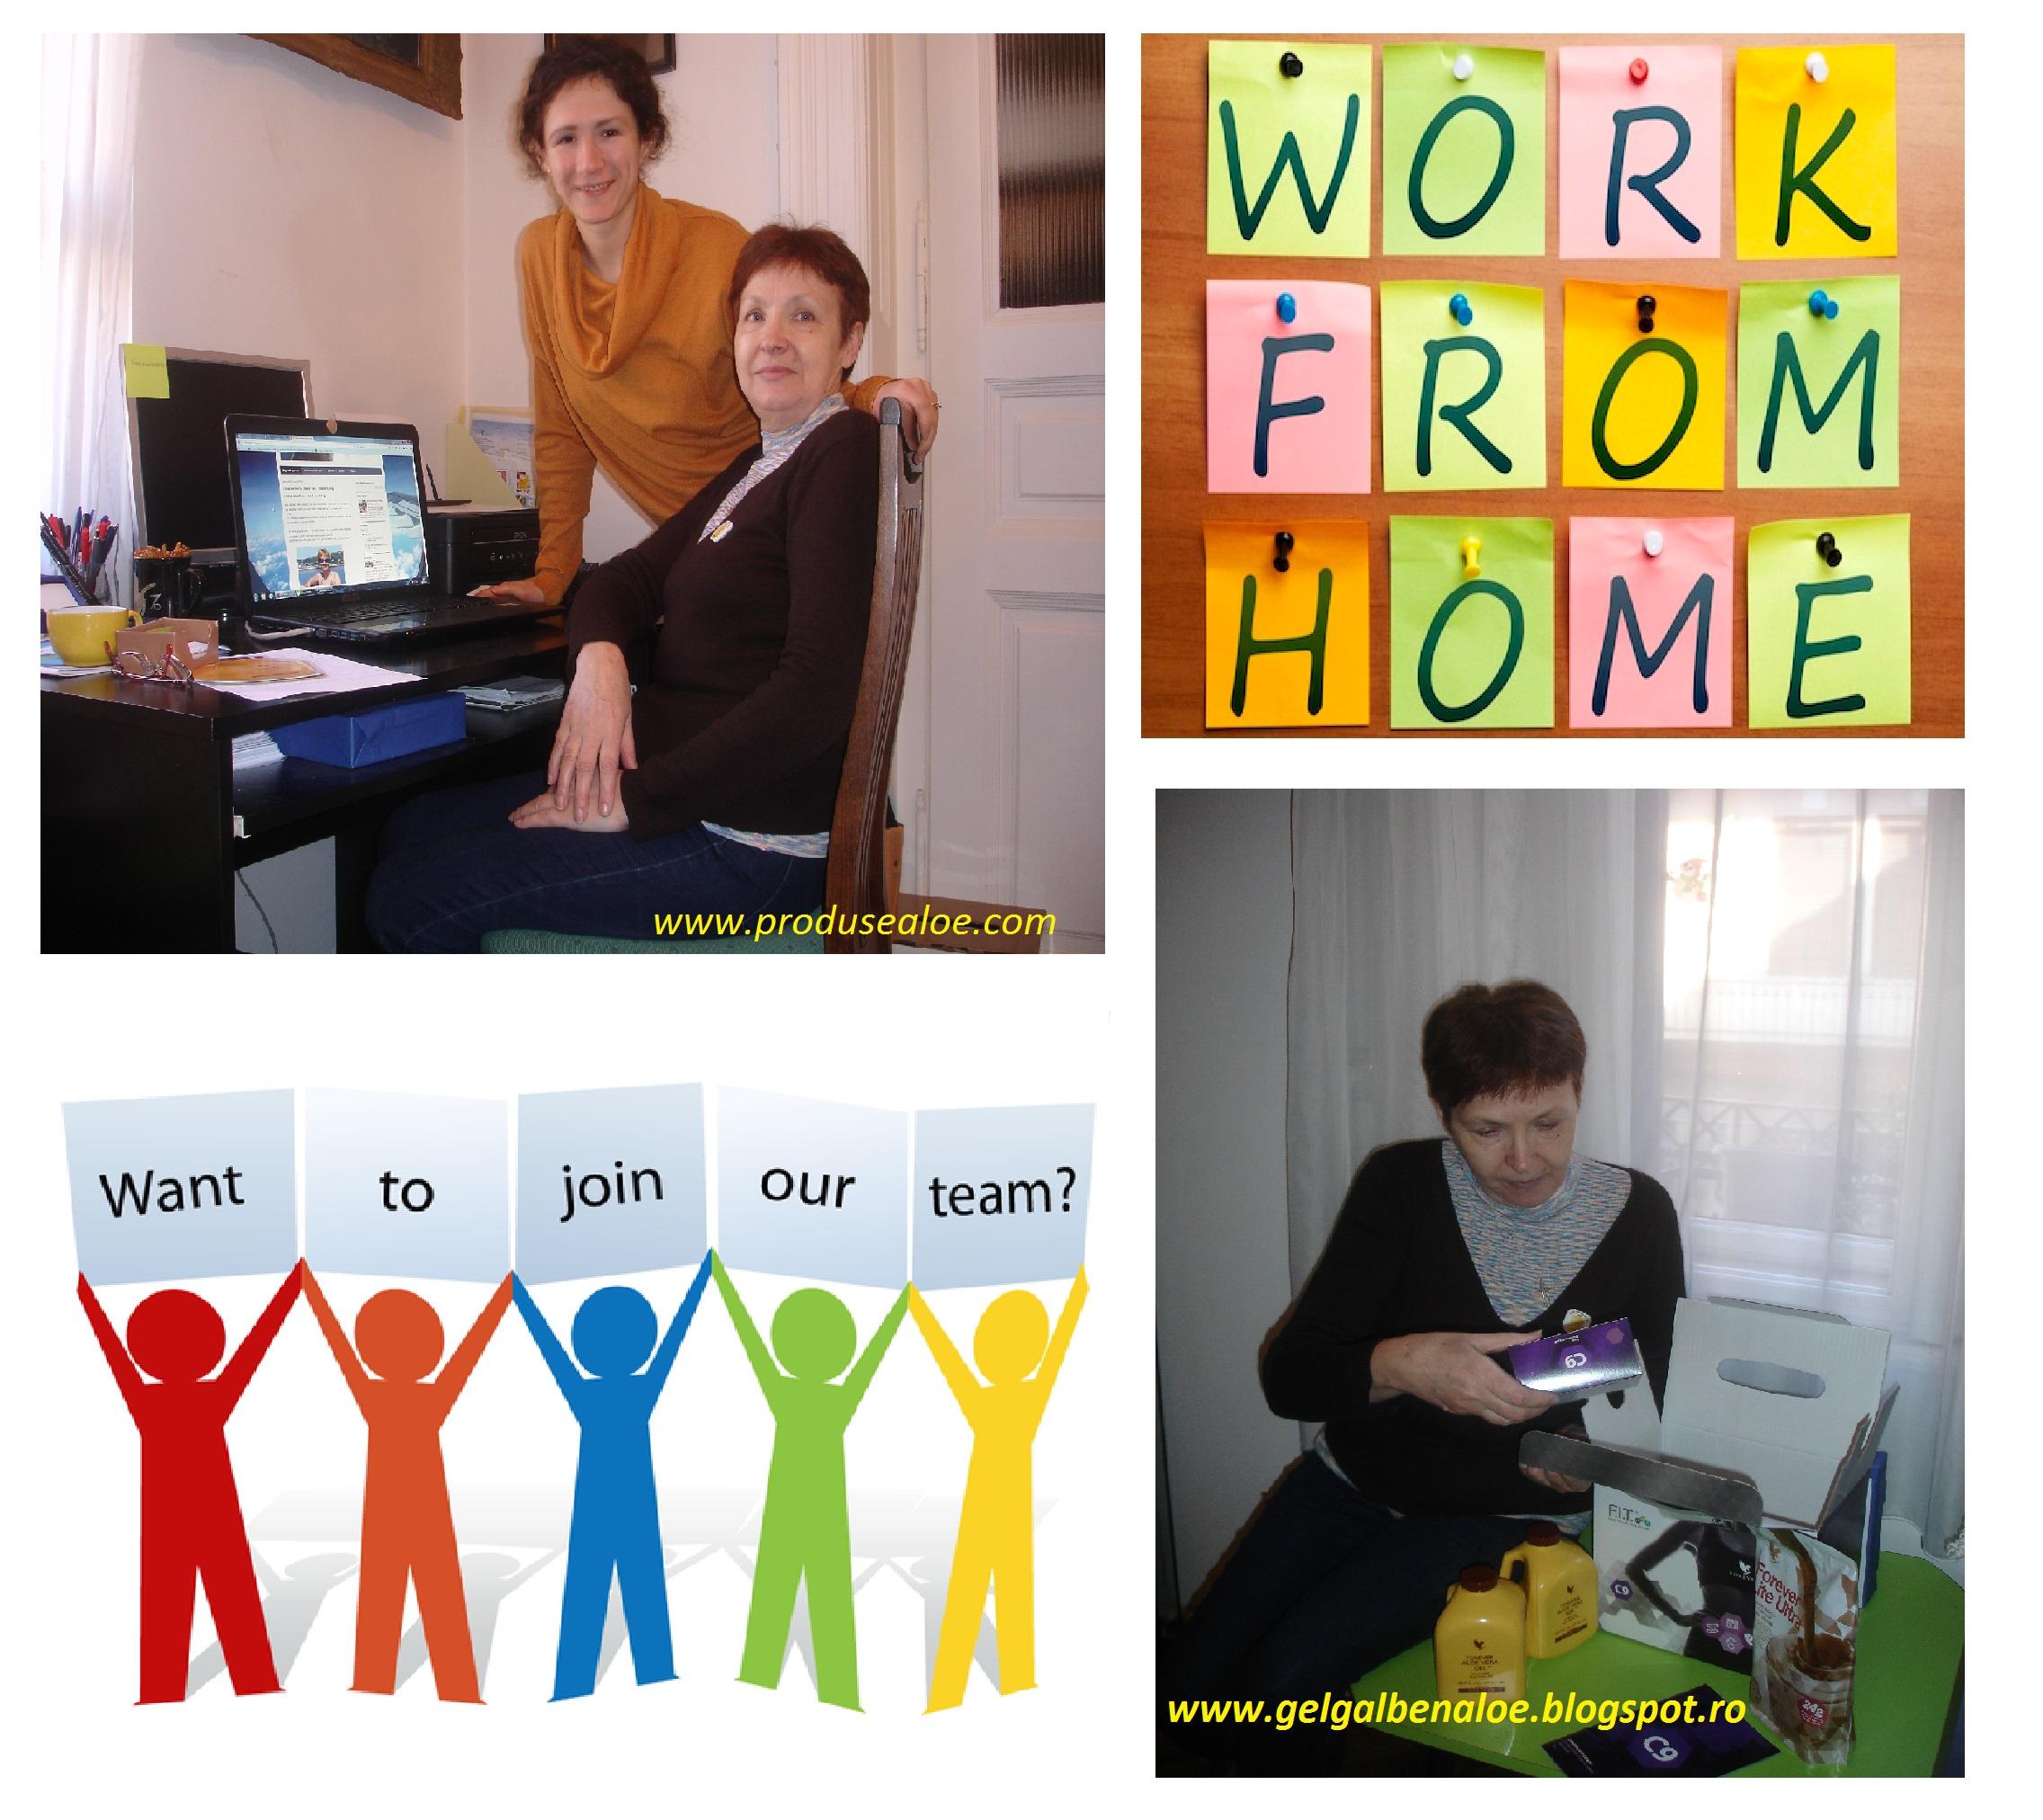 lucreaza de acasa work fom home laptop business forever living